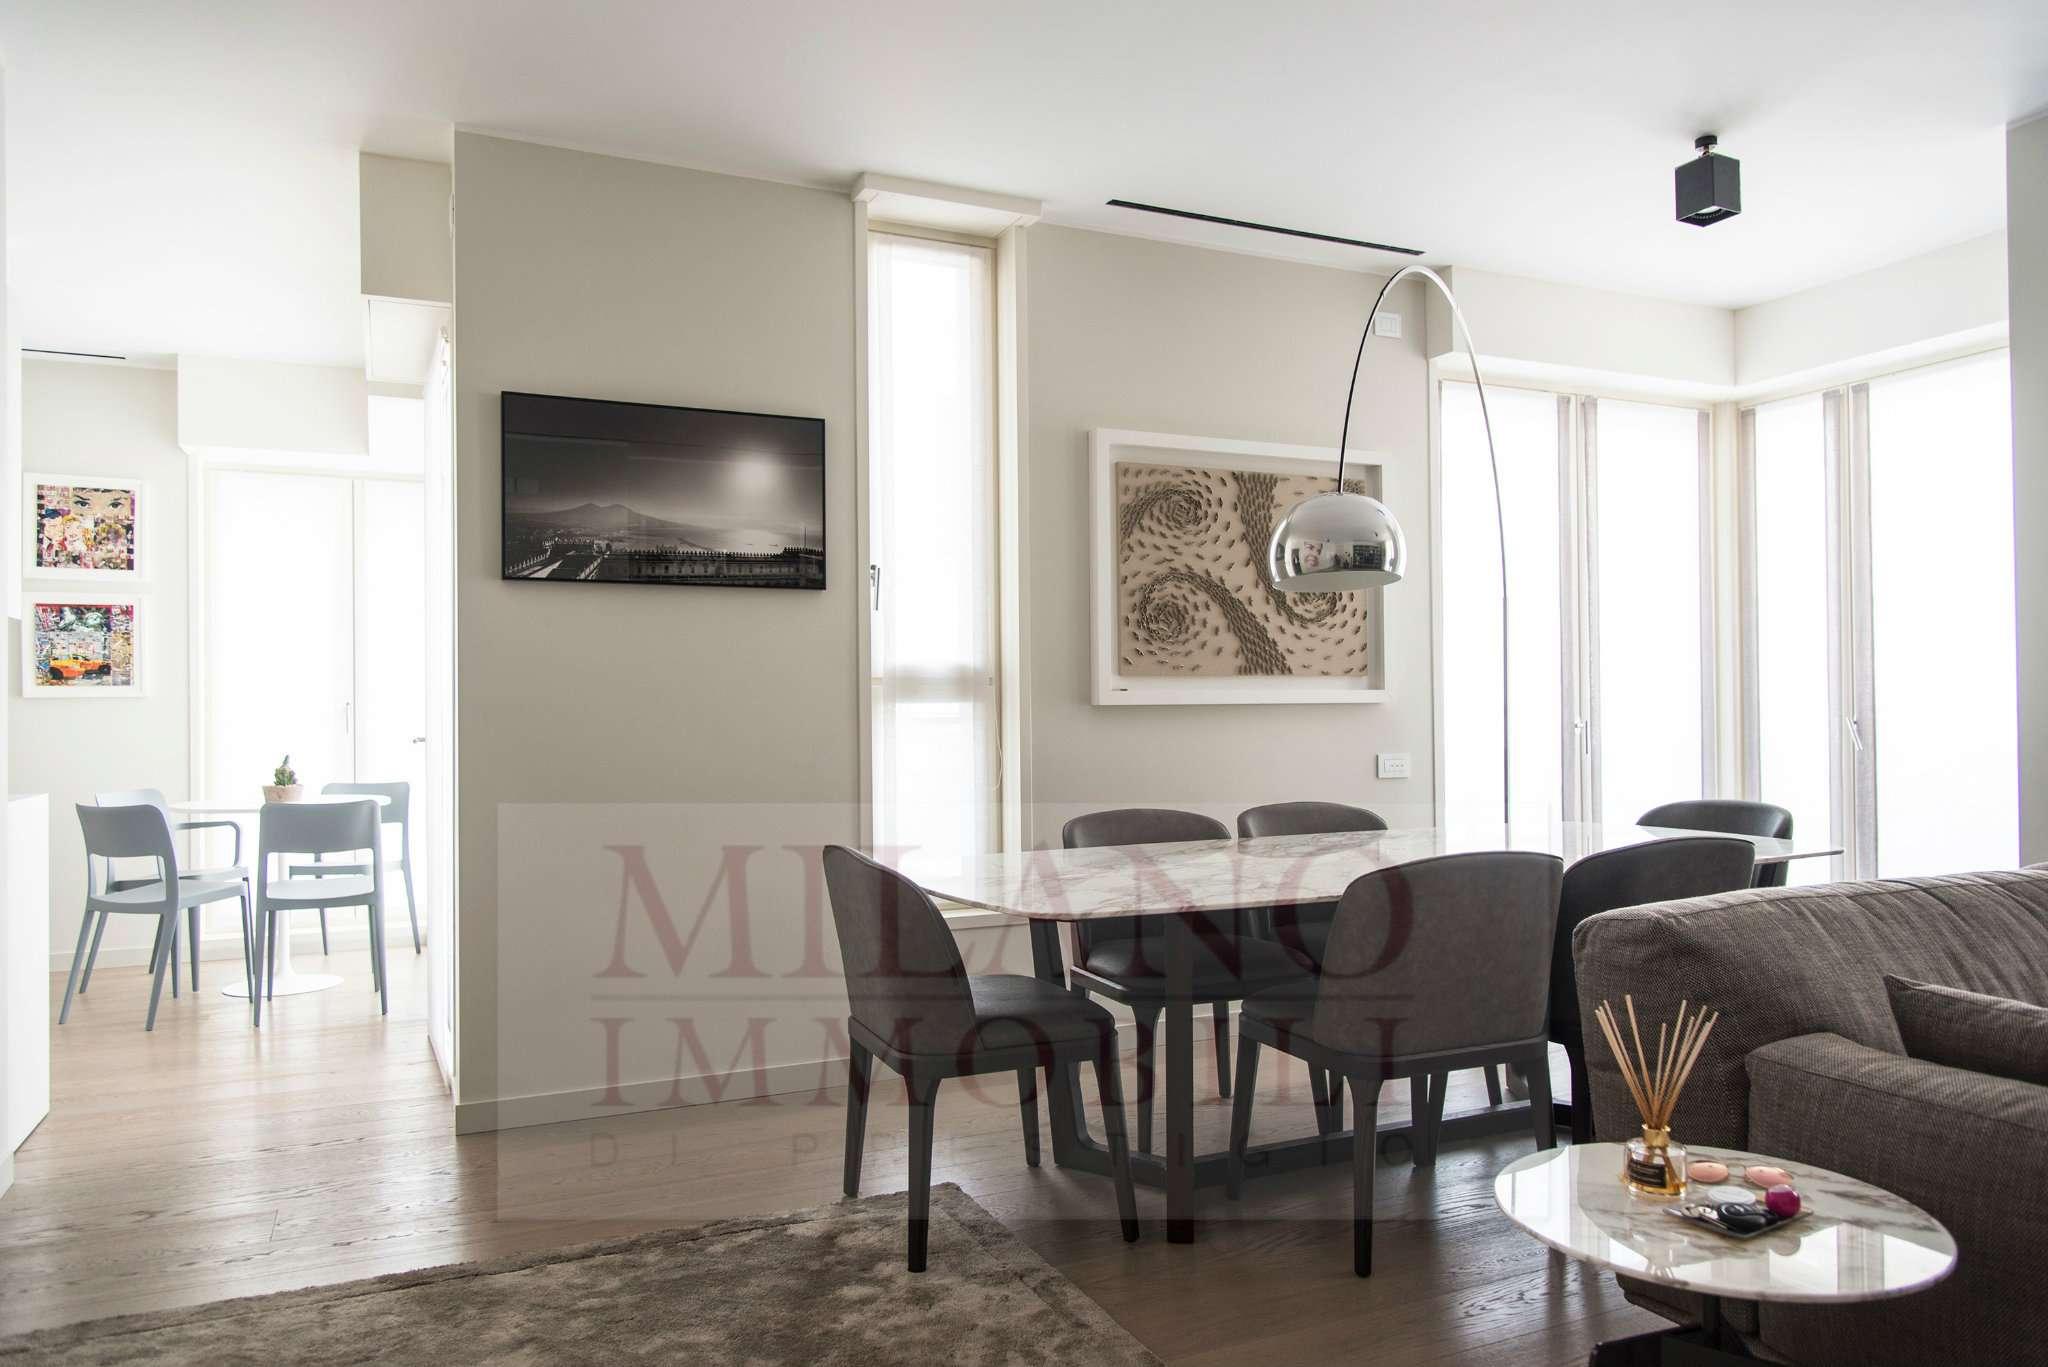 Appartamento in Vendita a Milano 01 Centro storico (Cerchia dei Navigli): 3 locali, 120 mq